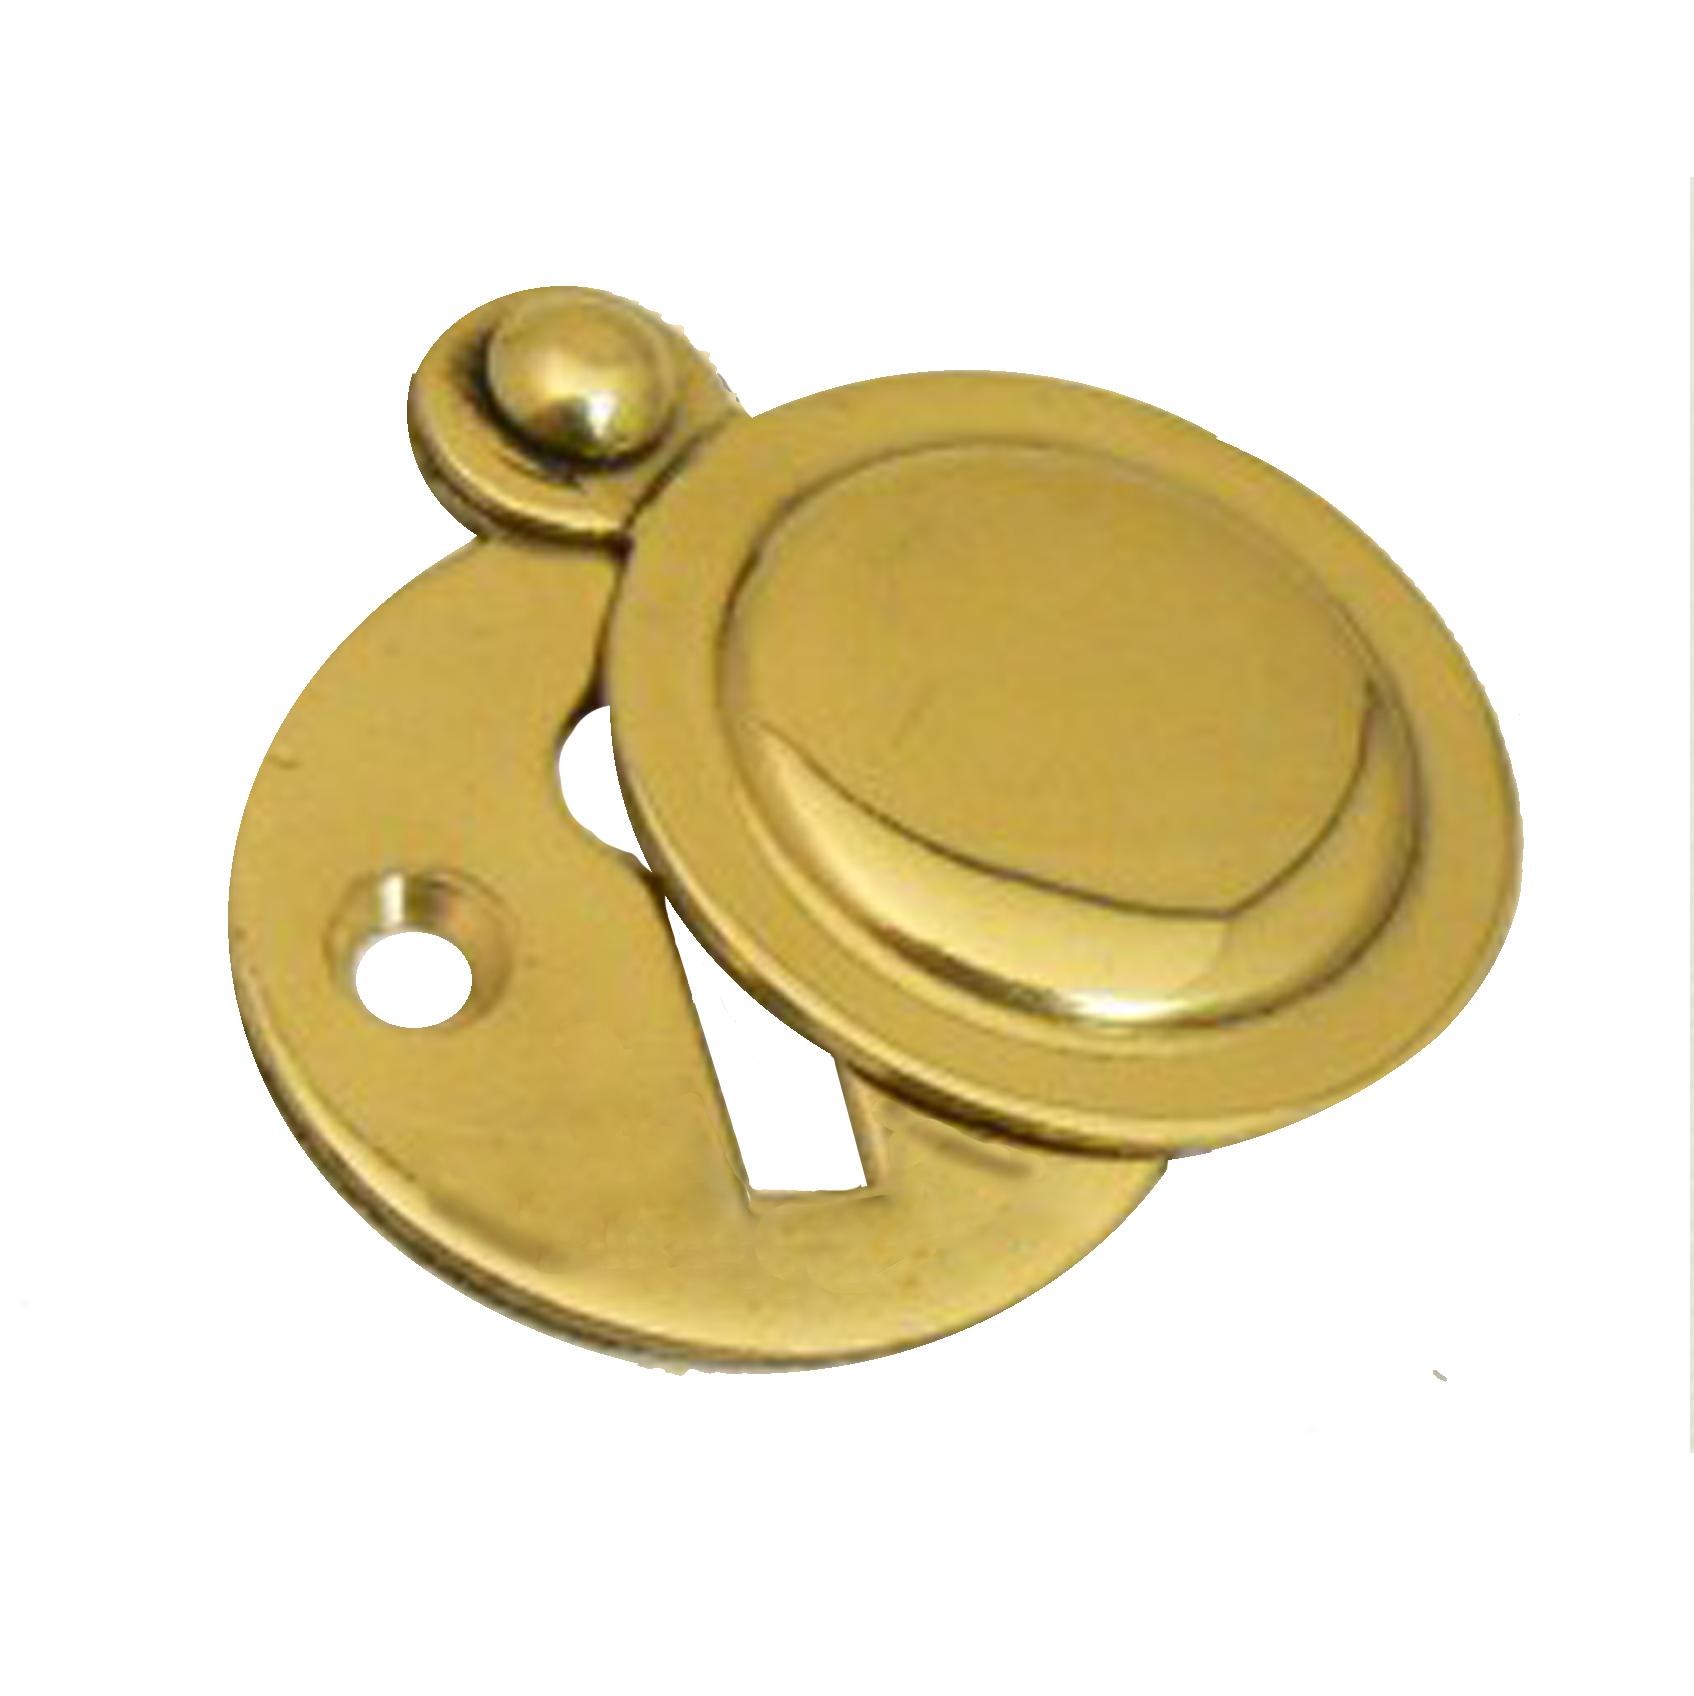 Victorian Stainless Brass Escutcheon